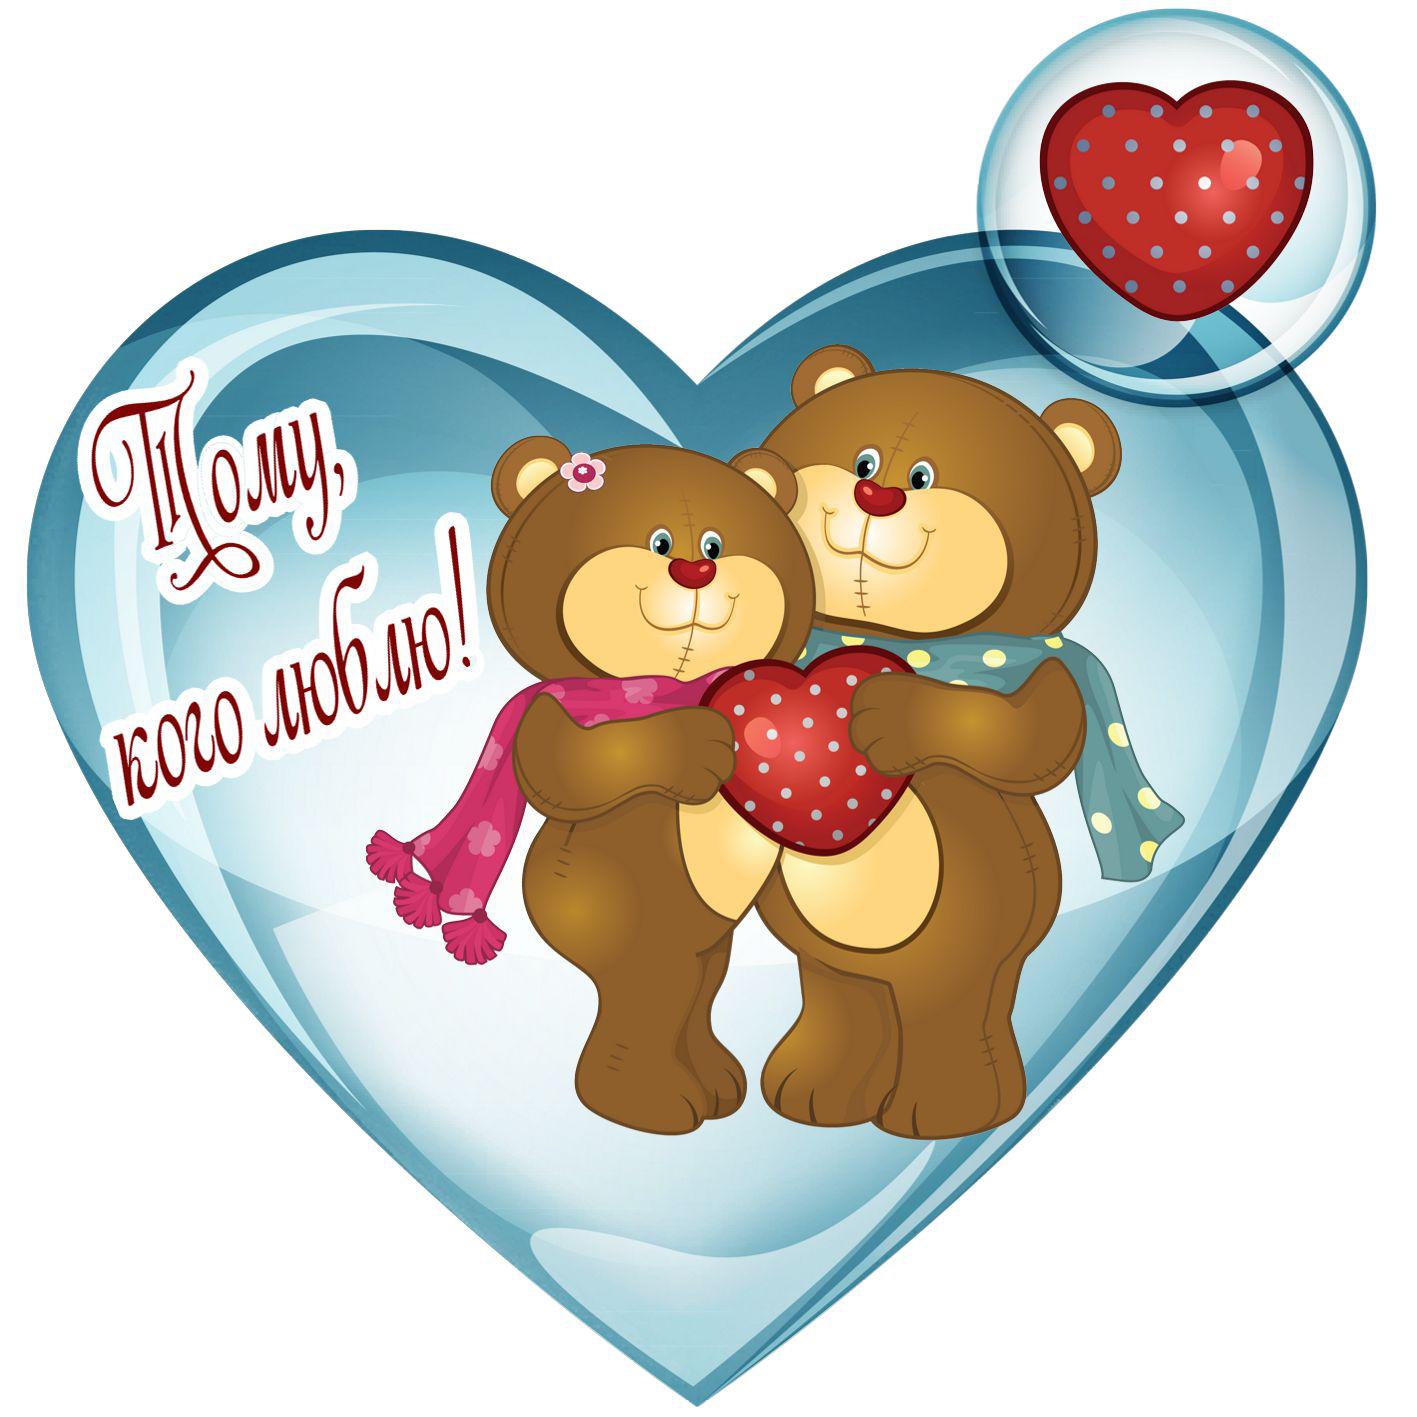 фон открытки с сердечками и сердечком сразу, что